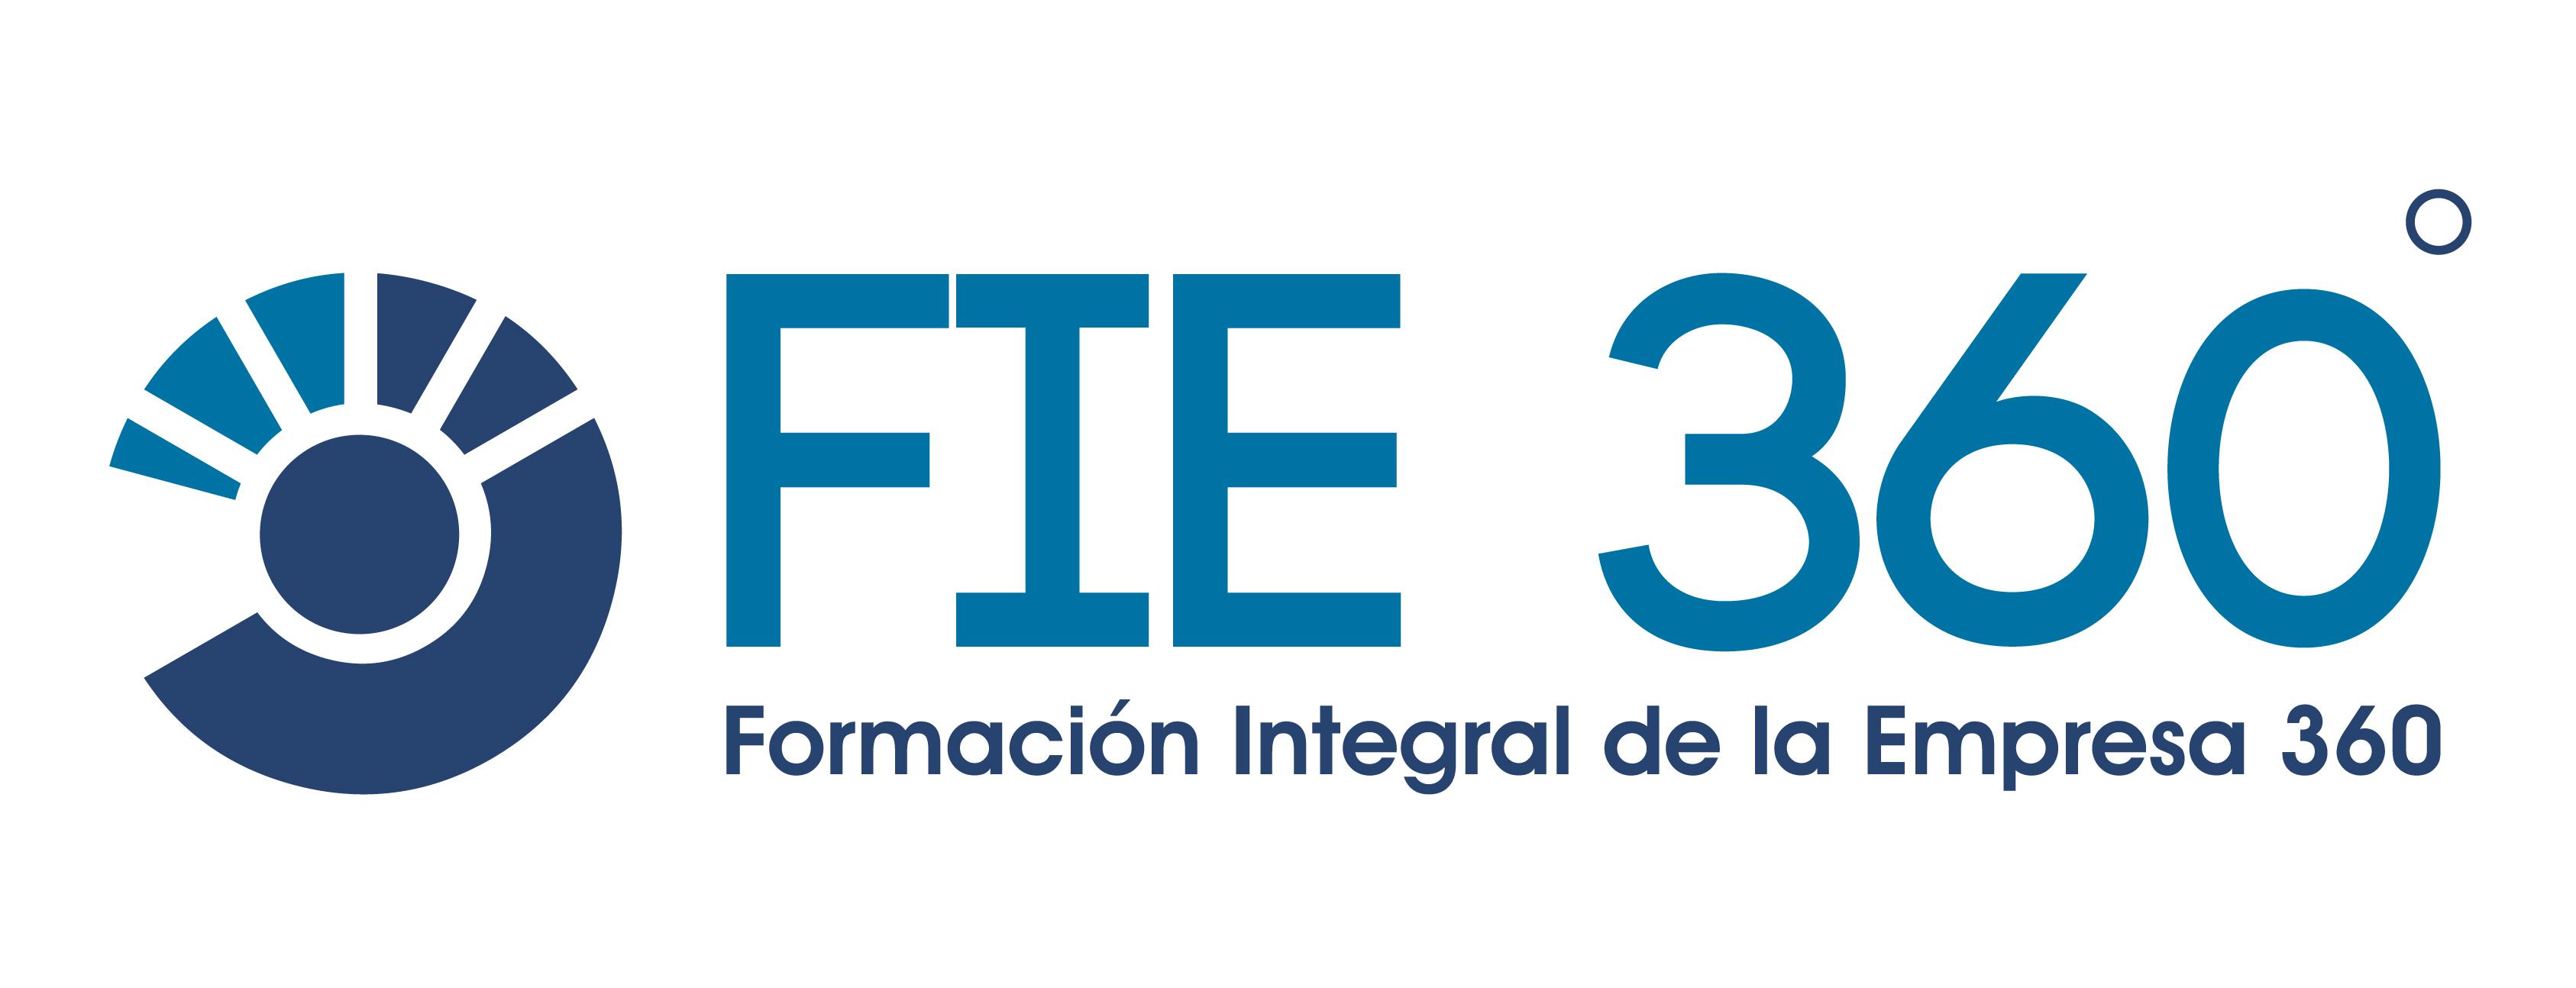 Formación Integral de la Empresa 360